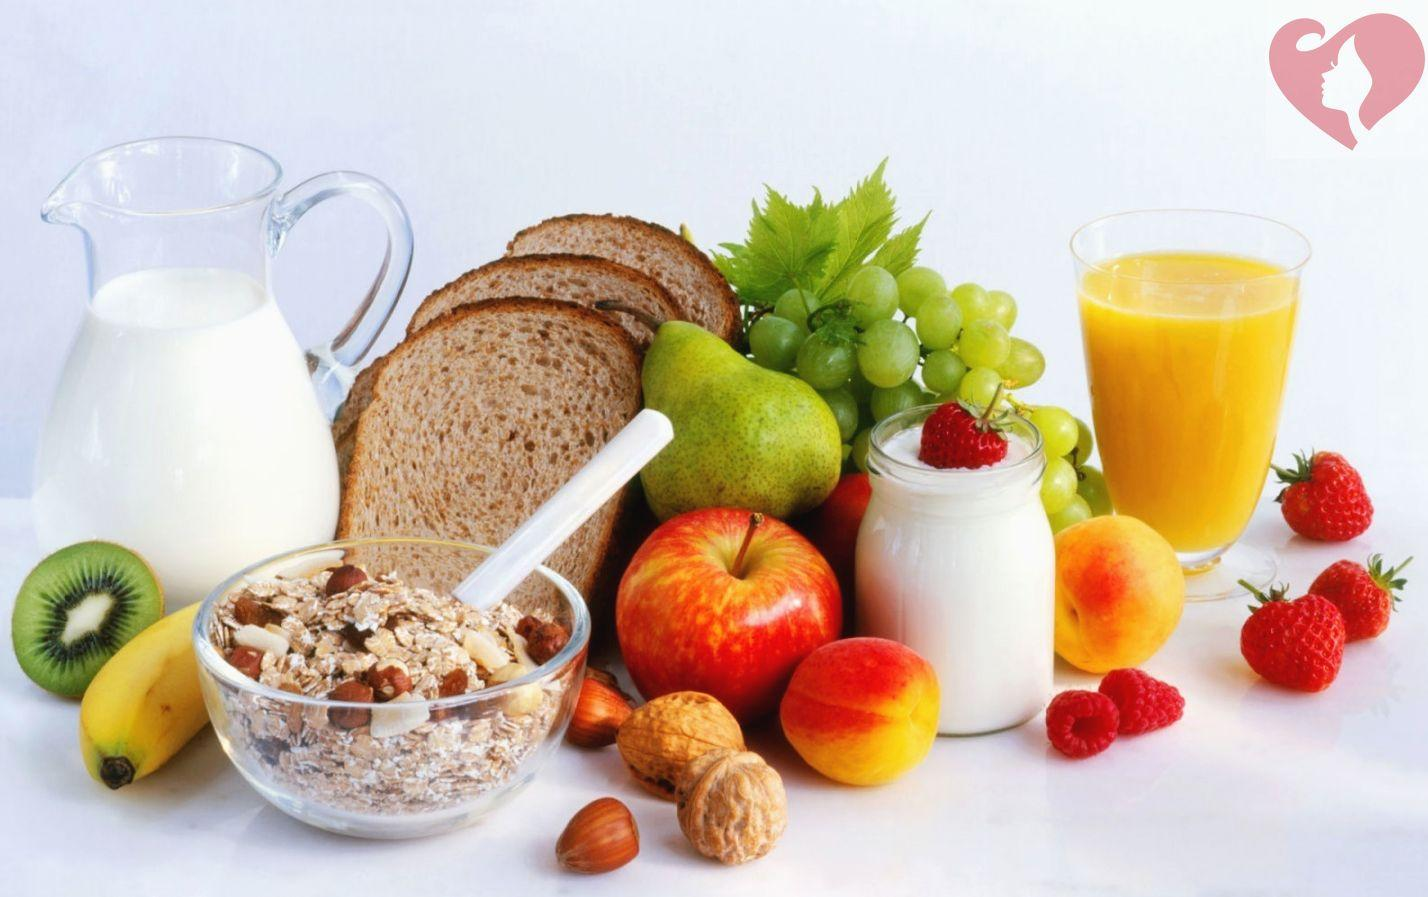 вкусные и полезные продукты